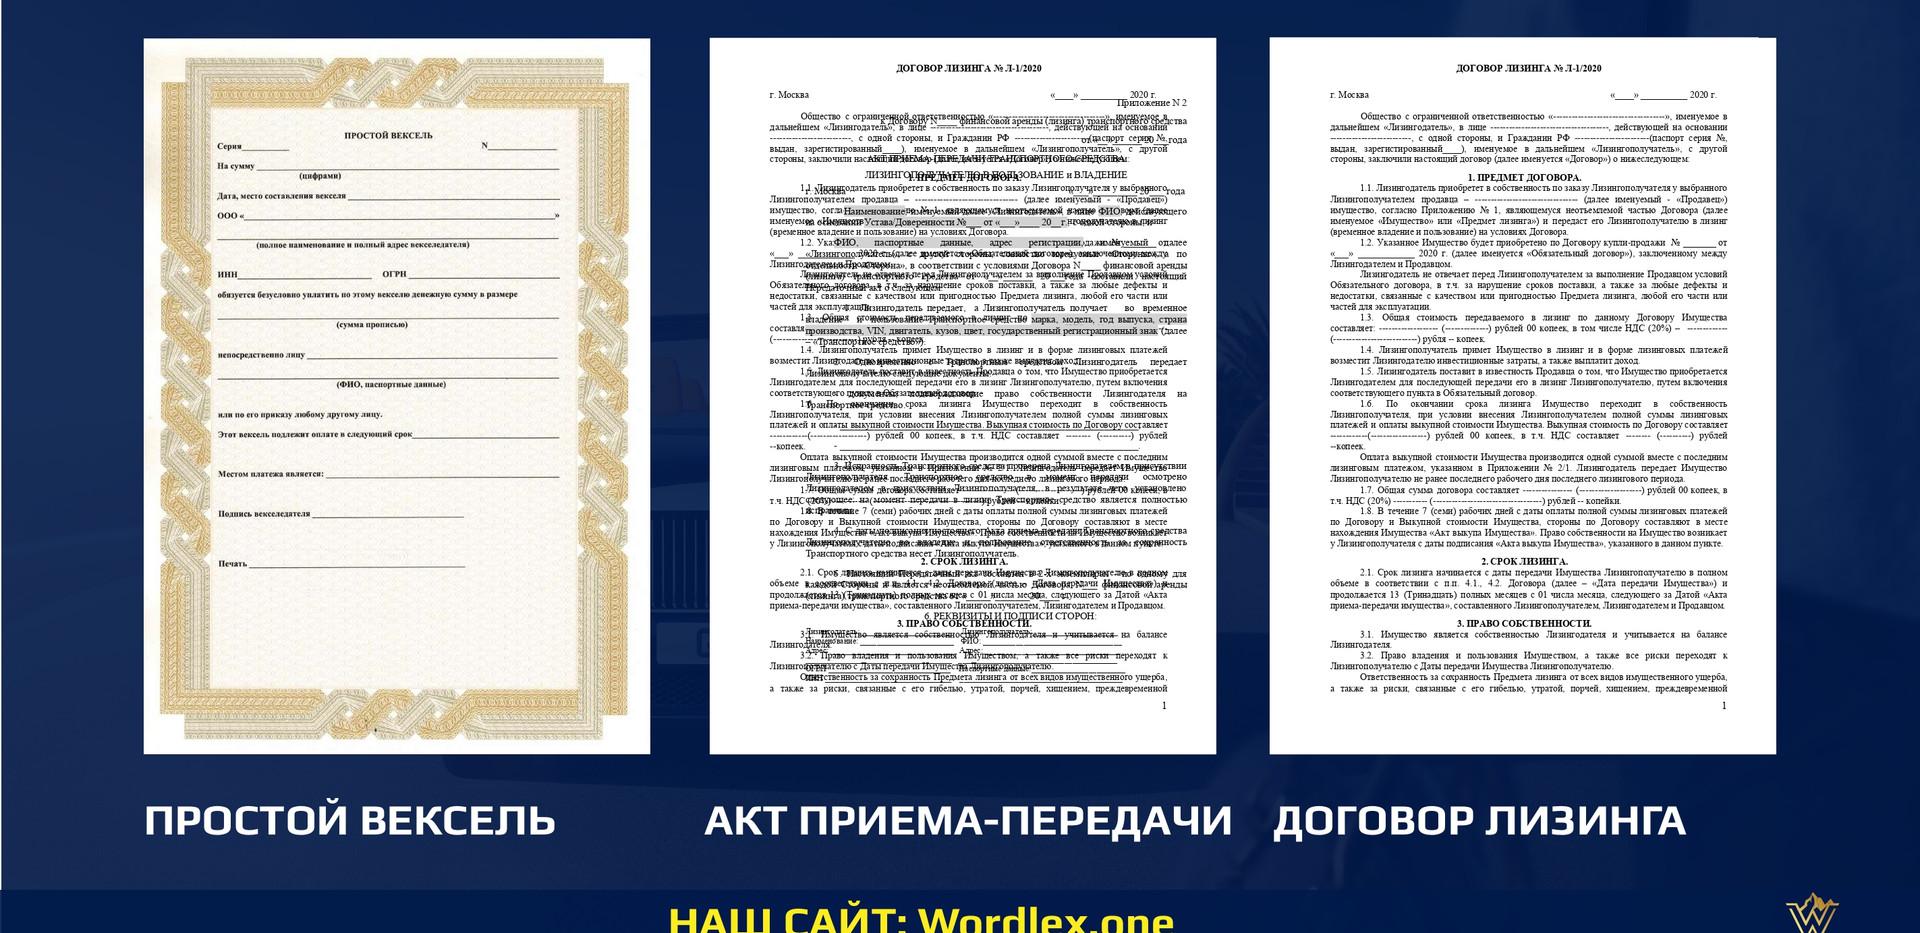 Презентация 2021(2)_page-0020.jpg